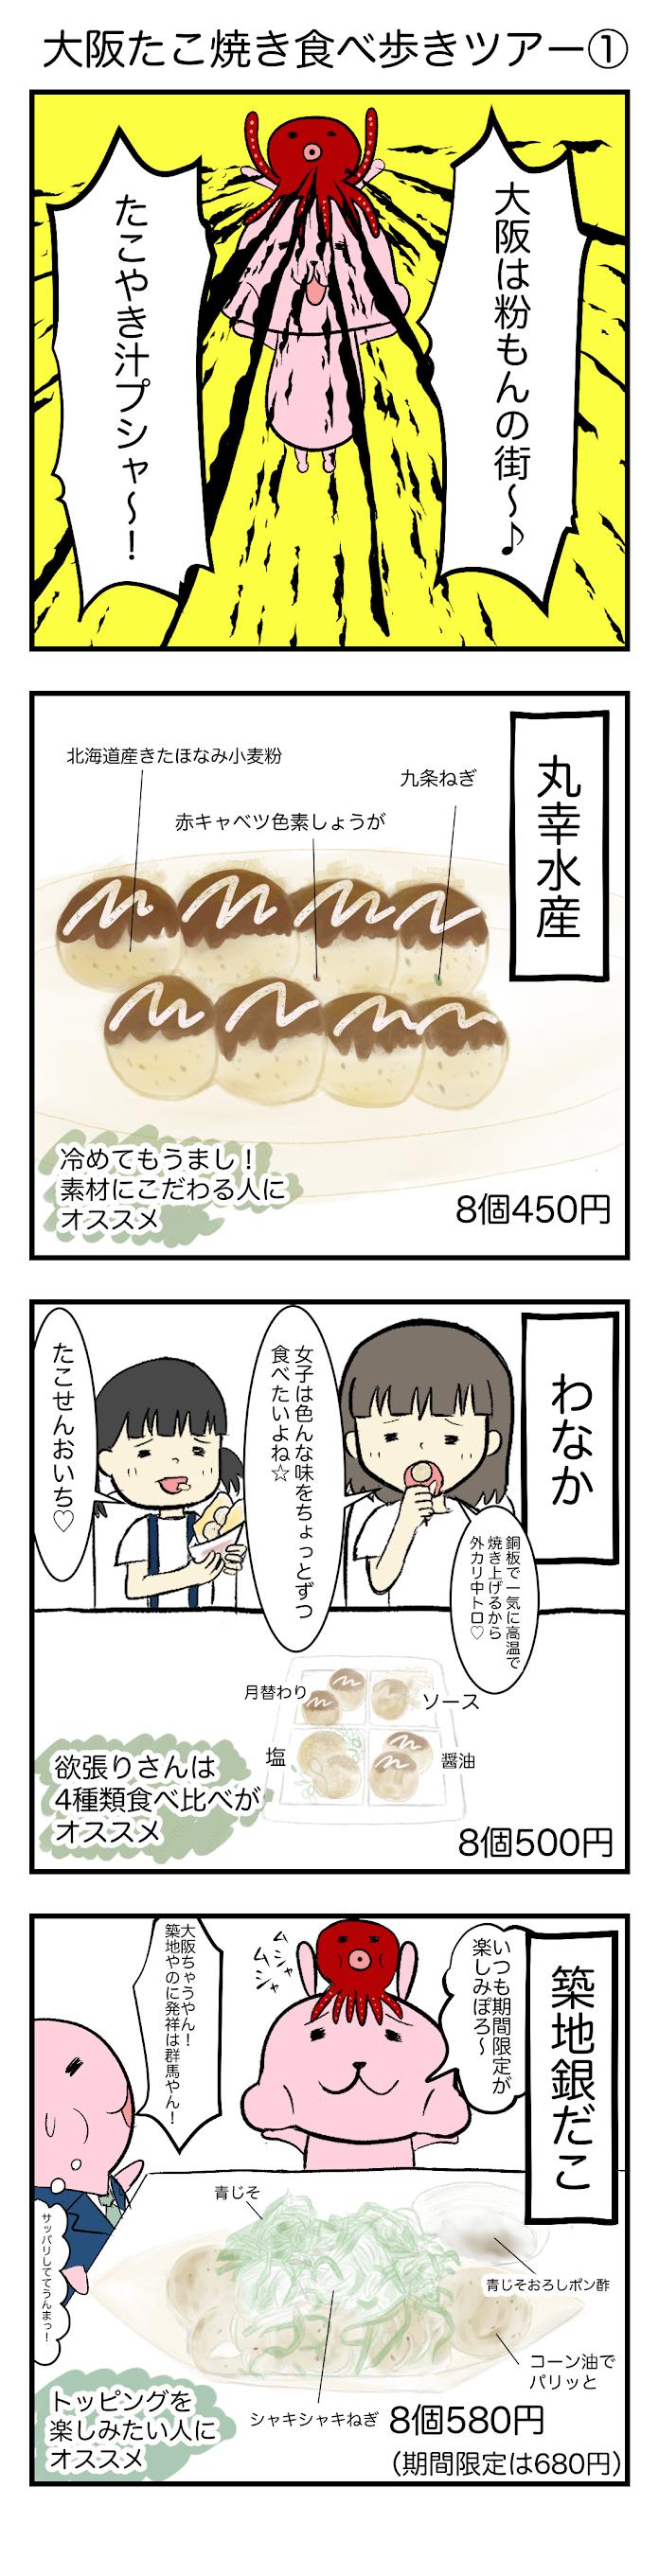 【コミックエッセイ】大阪たこやき食べ歩きツアー